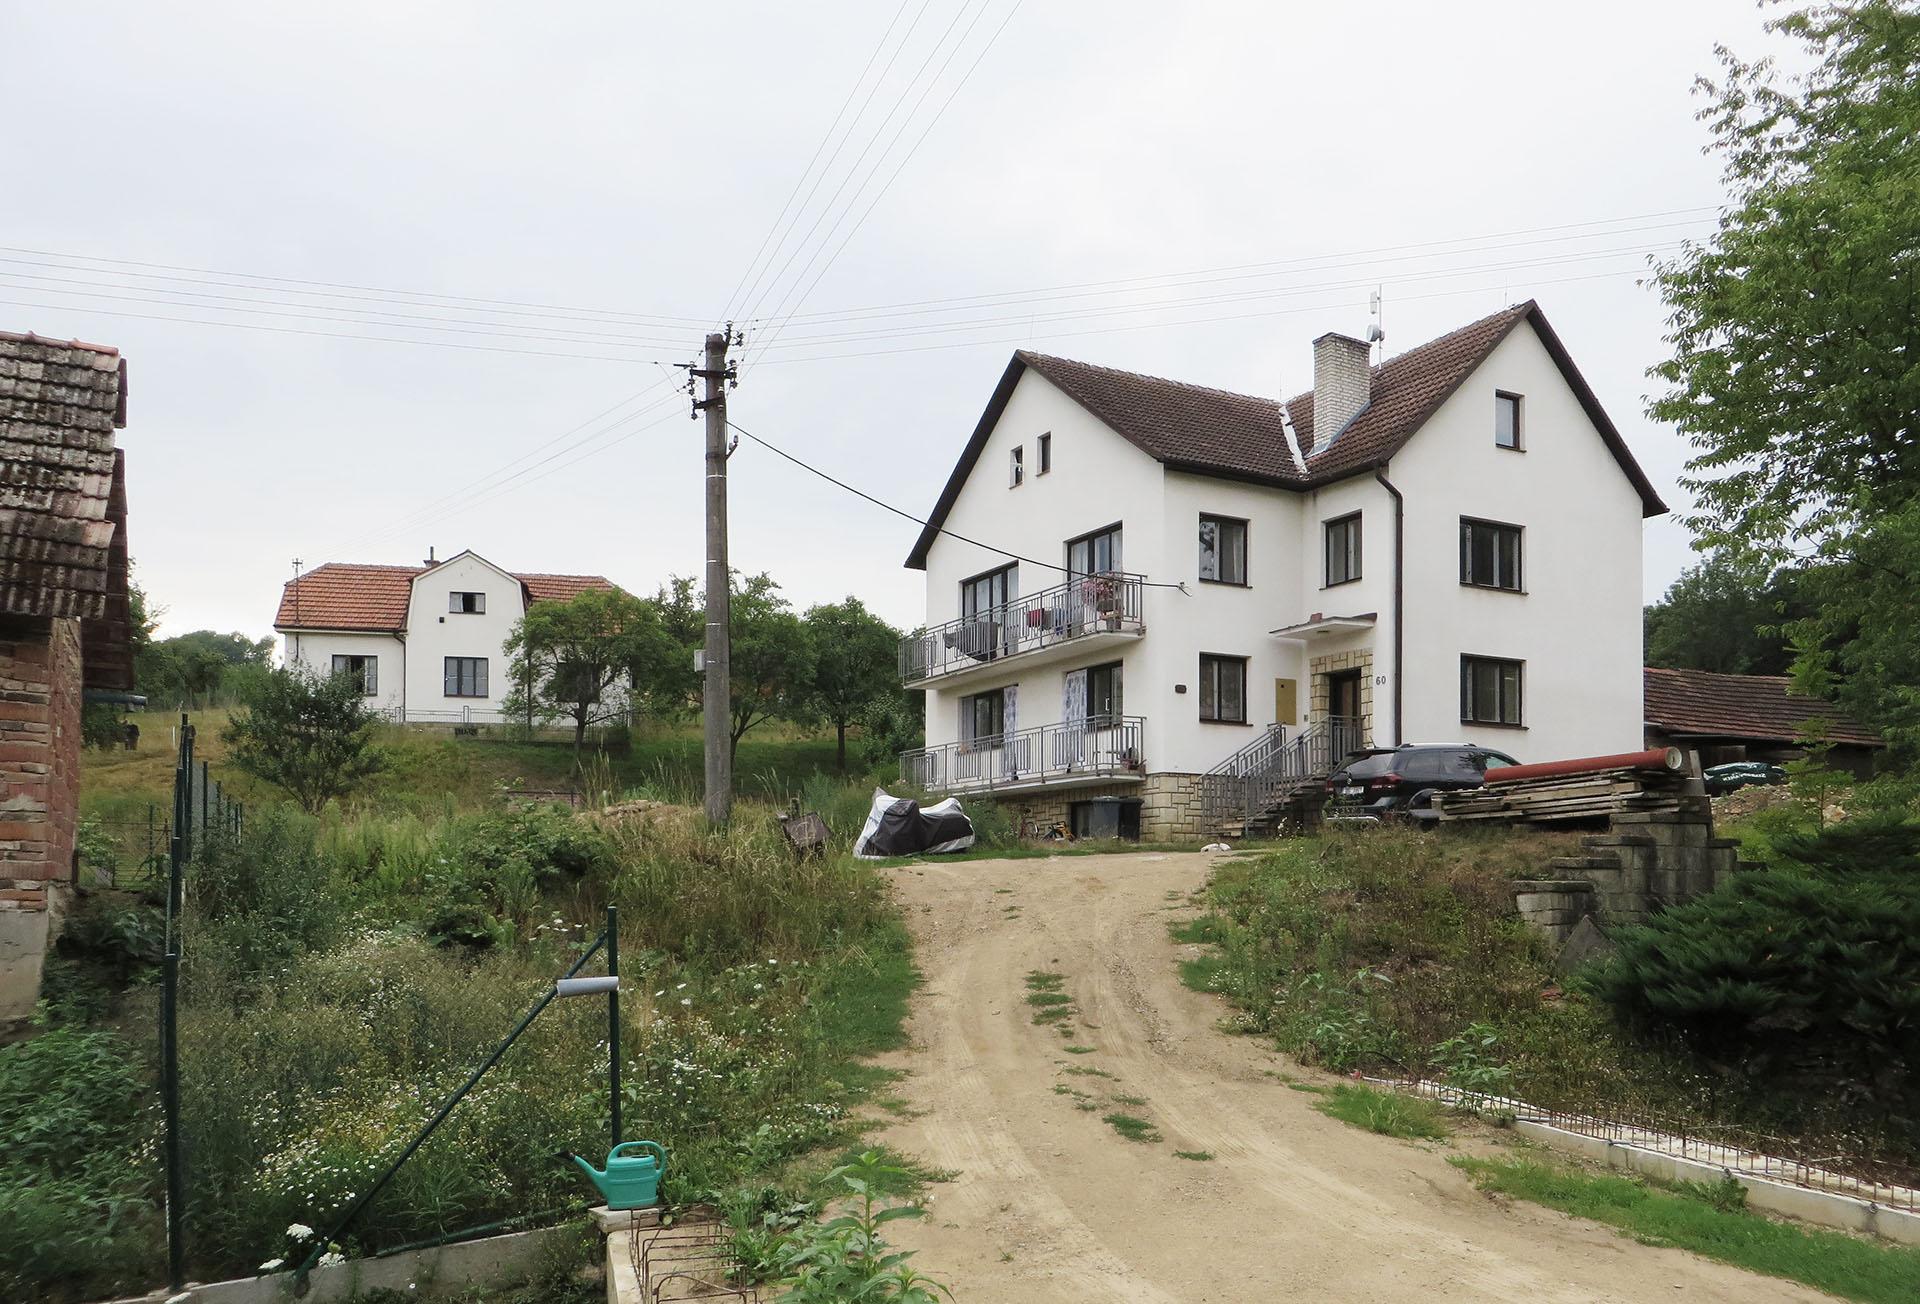 Stávající stav rodinného domu z přelomu 80. a 90. let 20. století